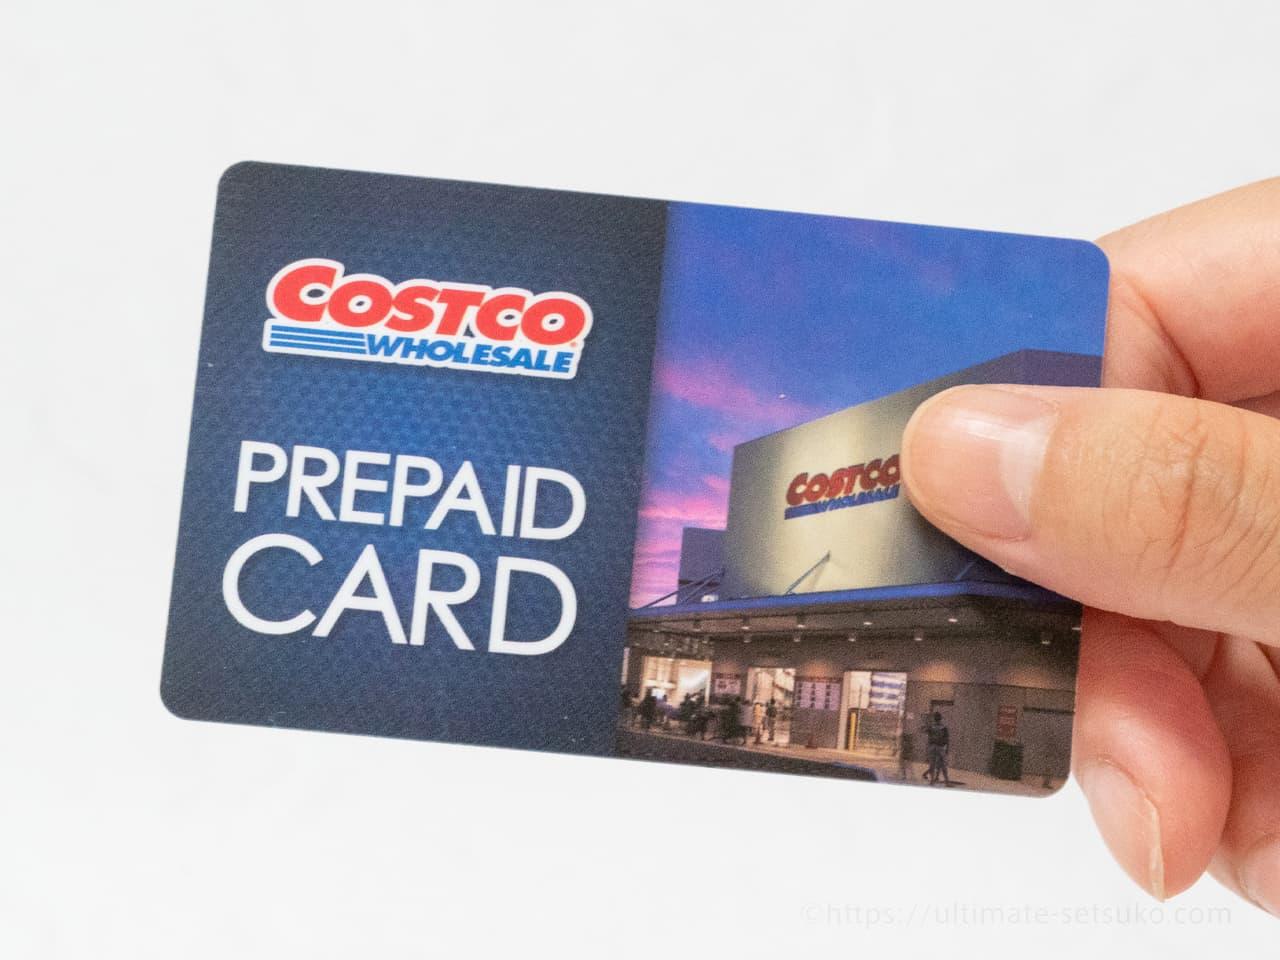 コストコプリペイドカードの作り方と注意点などまとめ